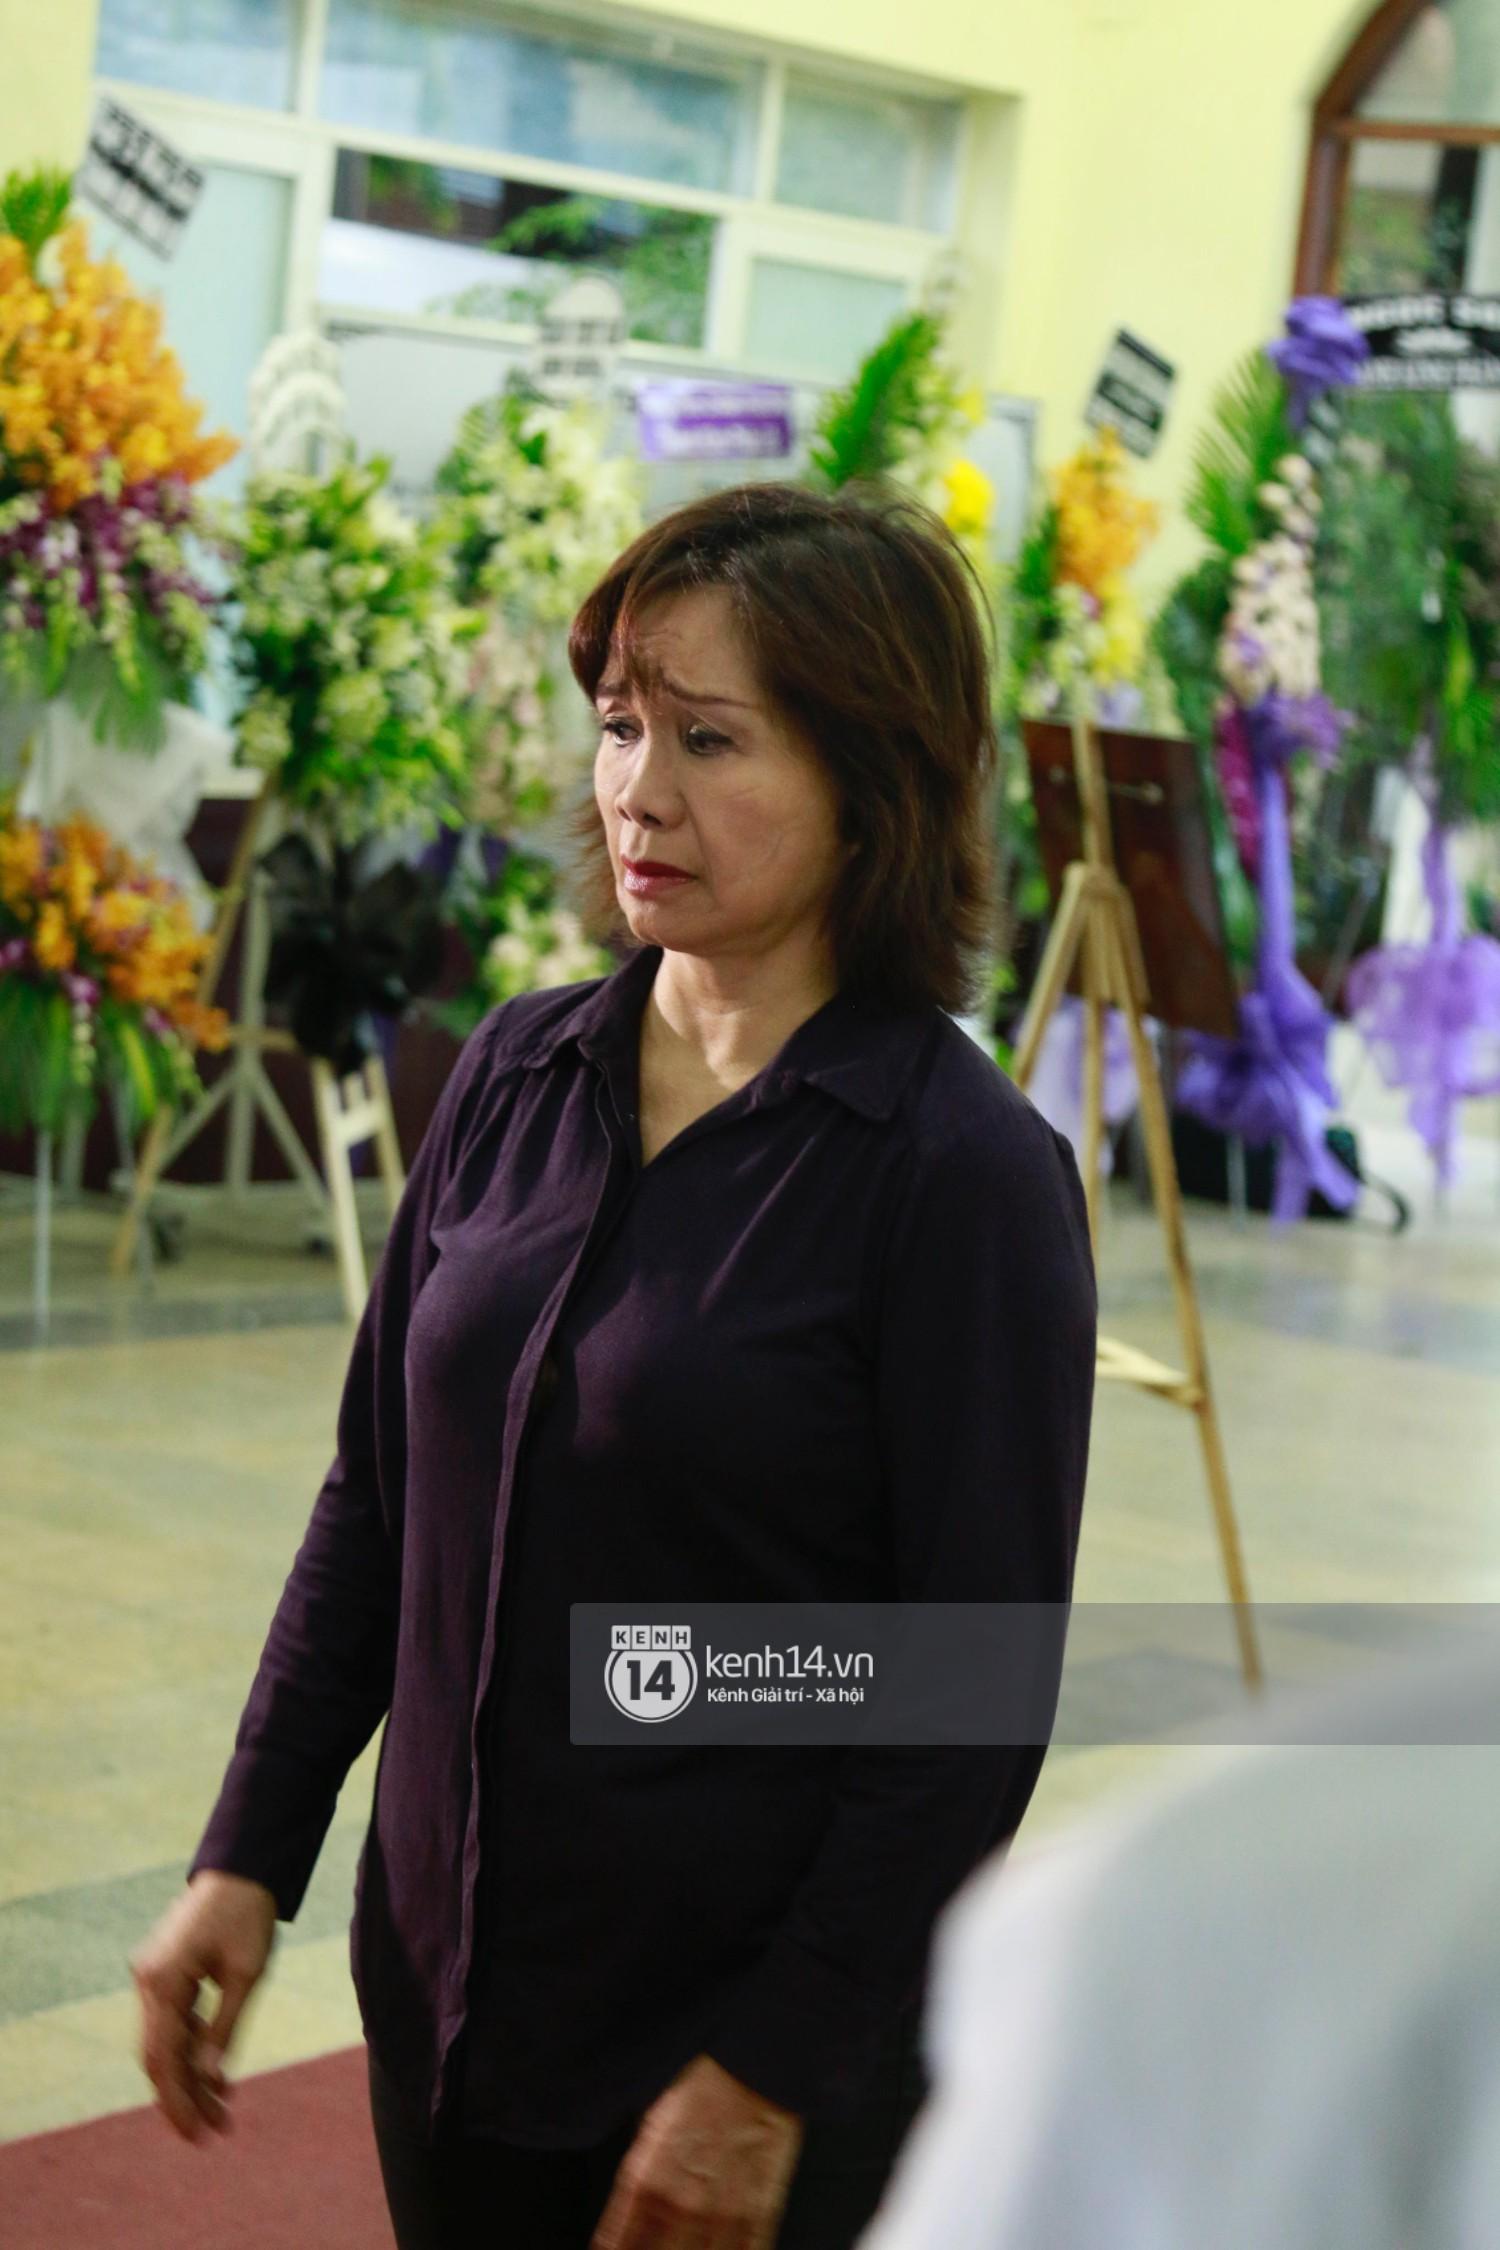 Dàn nghệ sĩ bất chấp mưa lớn tới thắp nhang cho nghệ sĩ Lê Bình trong buổi tối thứ hai tang lễ - Ảnh 10.